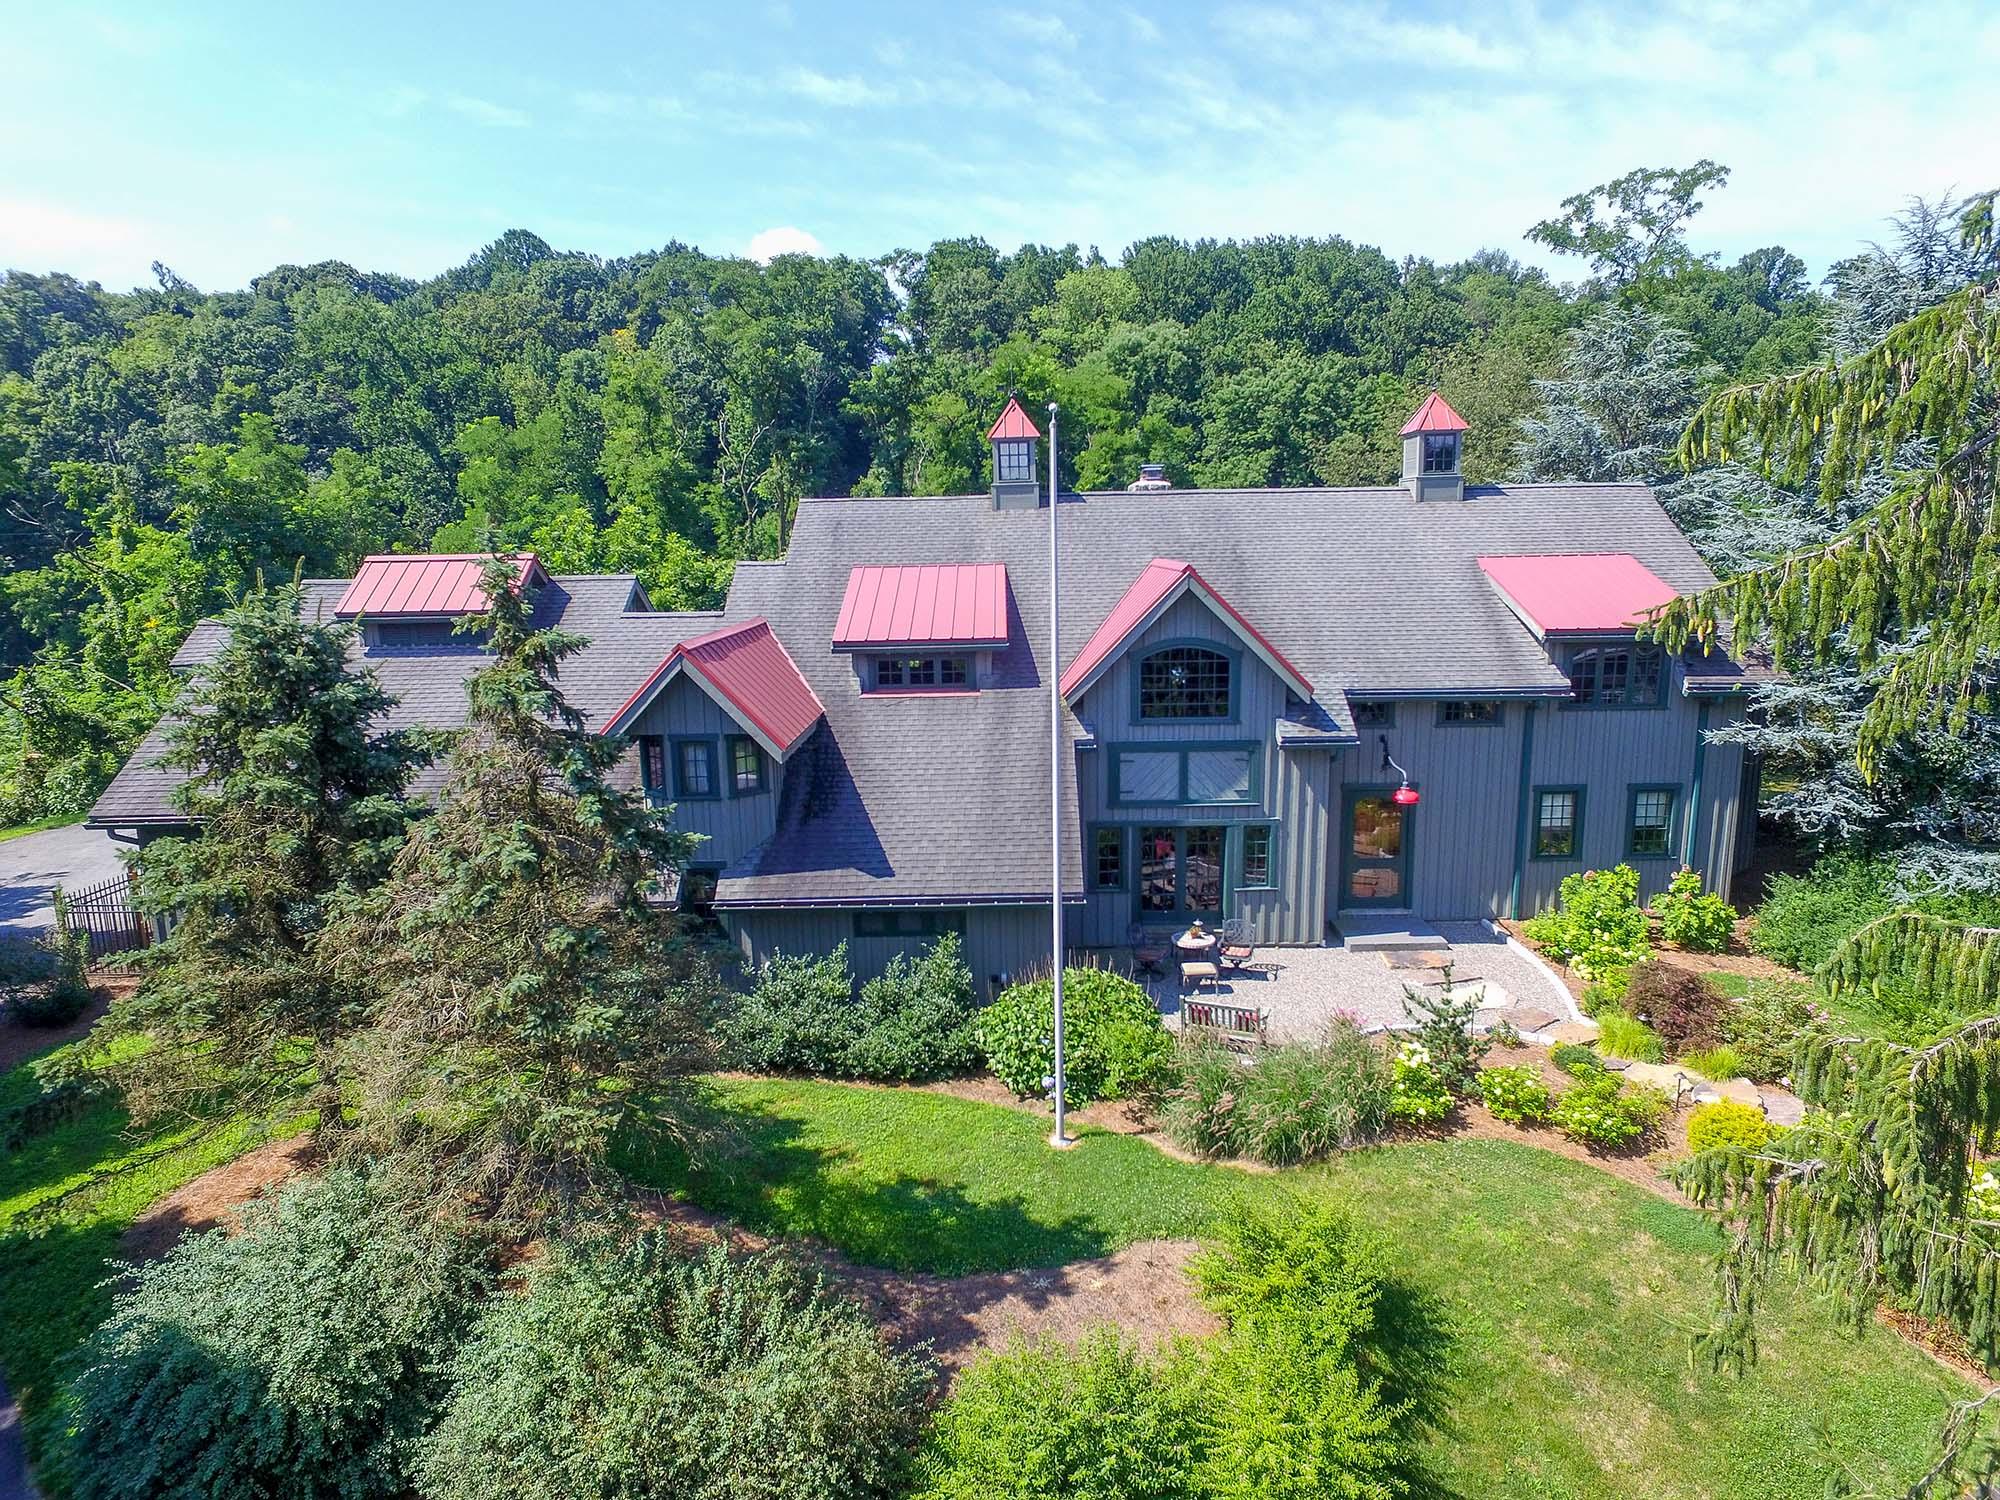 Частный односемейный дом для того Продажа на 73 Willow Creek Wrightsville, 17368 Соединенные Штаты